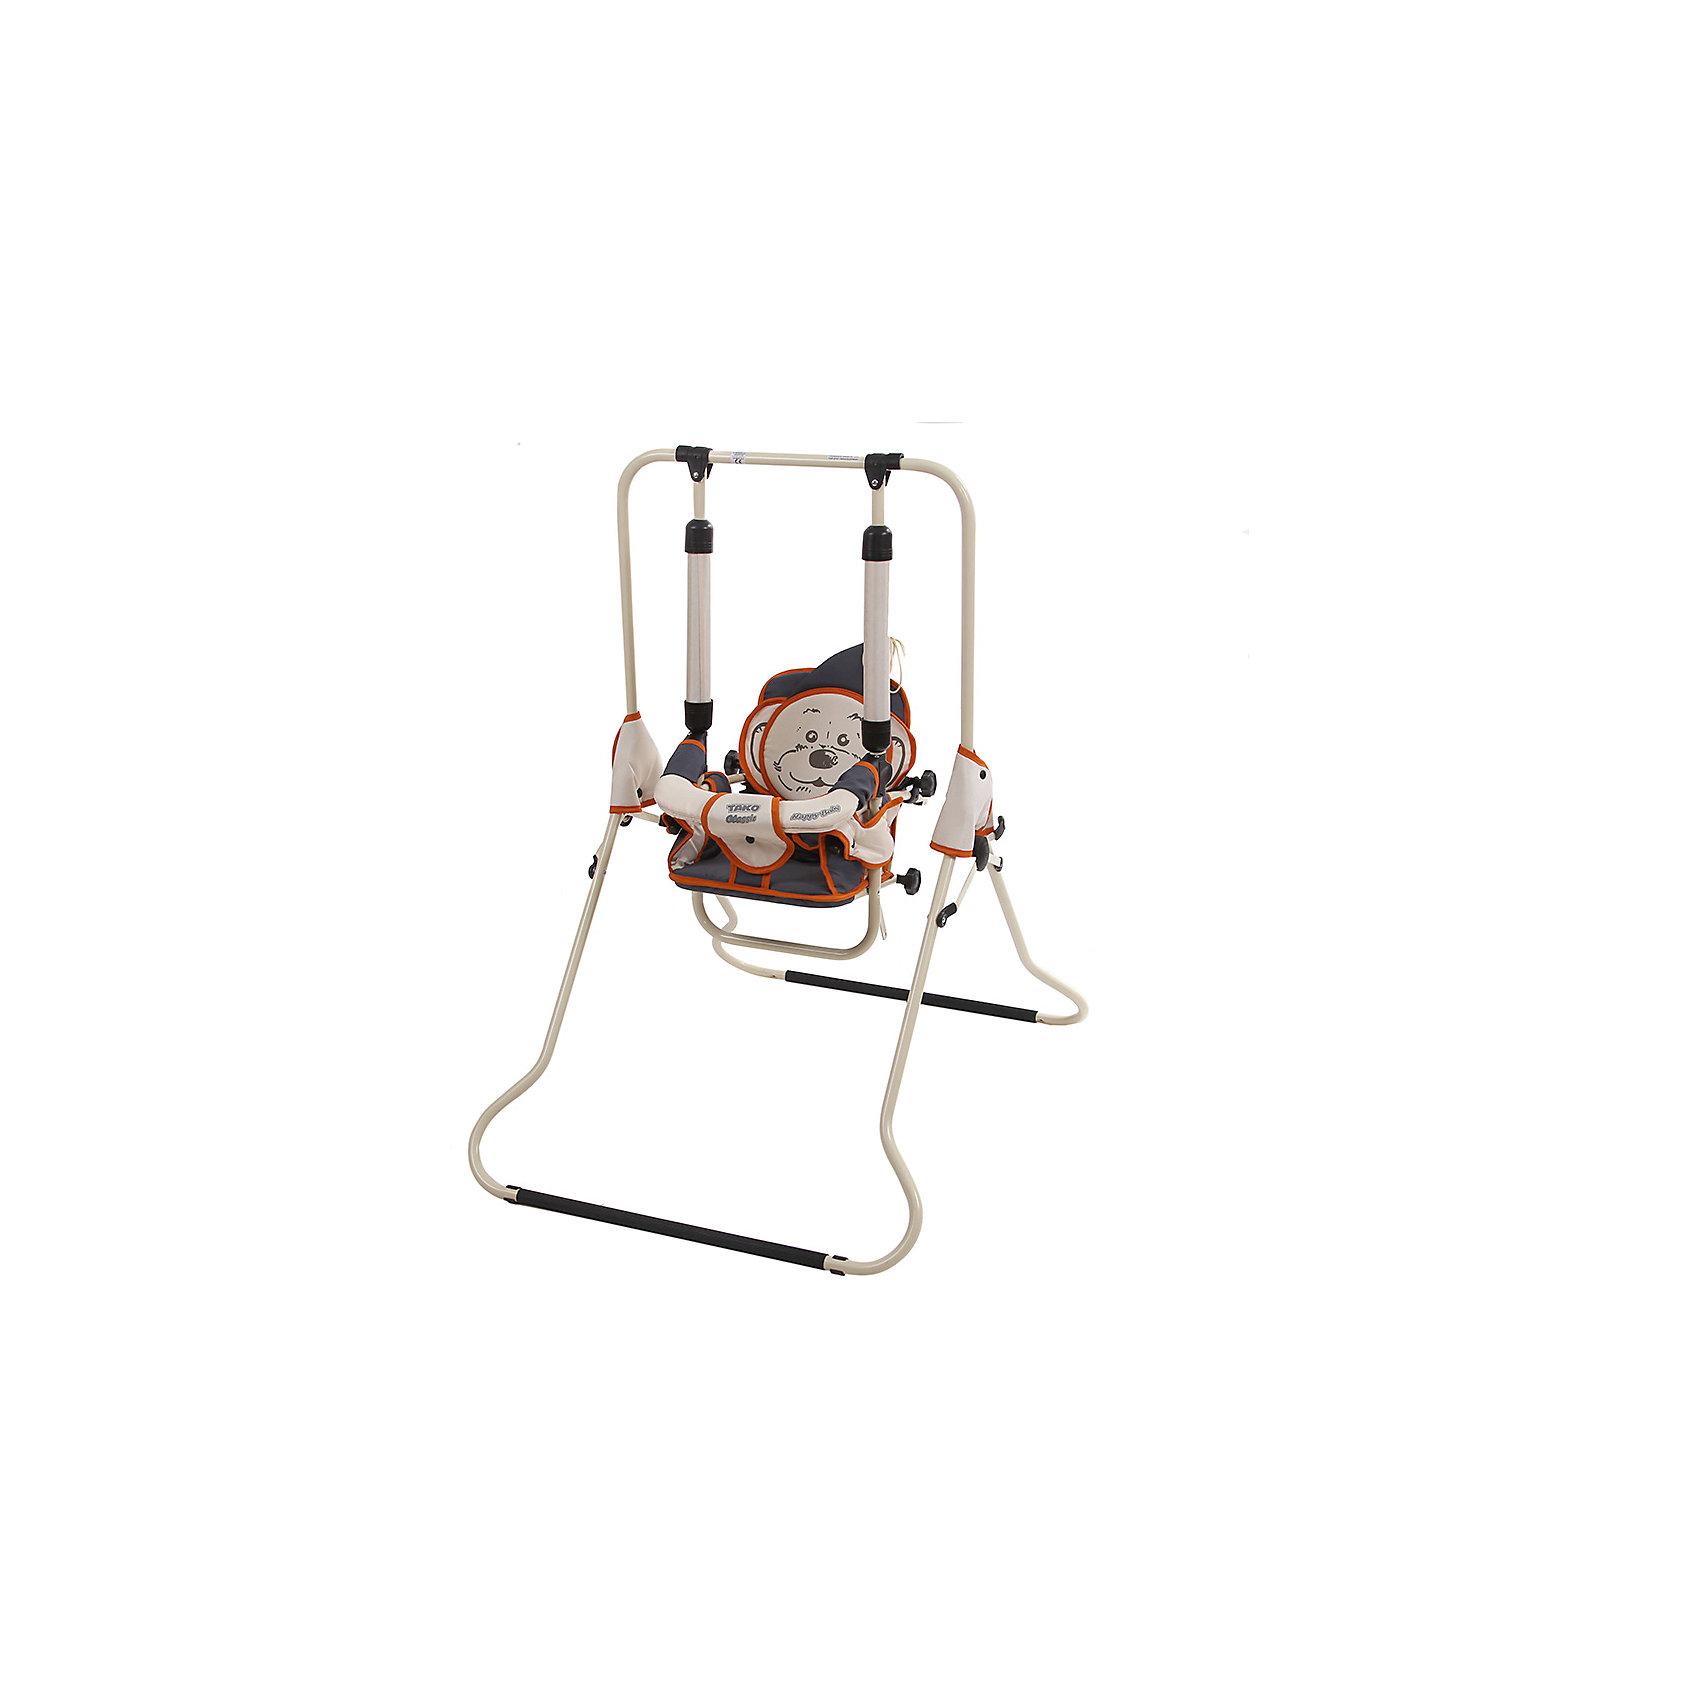 Качели напольные CLASSIC 06, ТАКО, бежевый/оранжевым/серыйКачели напольные и подвесные<br>ТАКО HBU Качели CLASSIC 06 напольные со съёмным поручнем беж с оранжевым или серым кантиком<br><br>Ширина мм: 760<br>Глубина мм: 1280<br>Высота мм: 200<br>Вес г: 7100<br>Возраст от месяцев: -2147483648<br>Возраст до месяцев: 2147483647<br>Пол: Унисекс<br>Возраст: Детский<br>SKU: 5500164